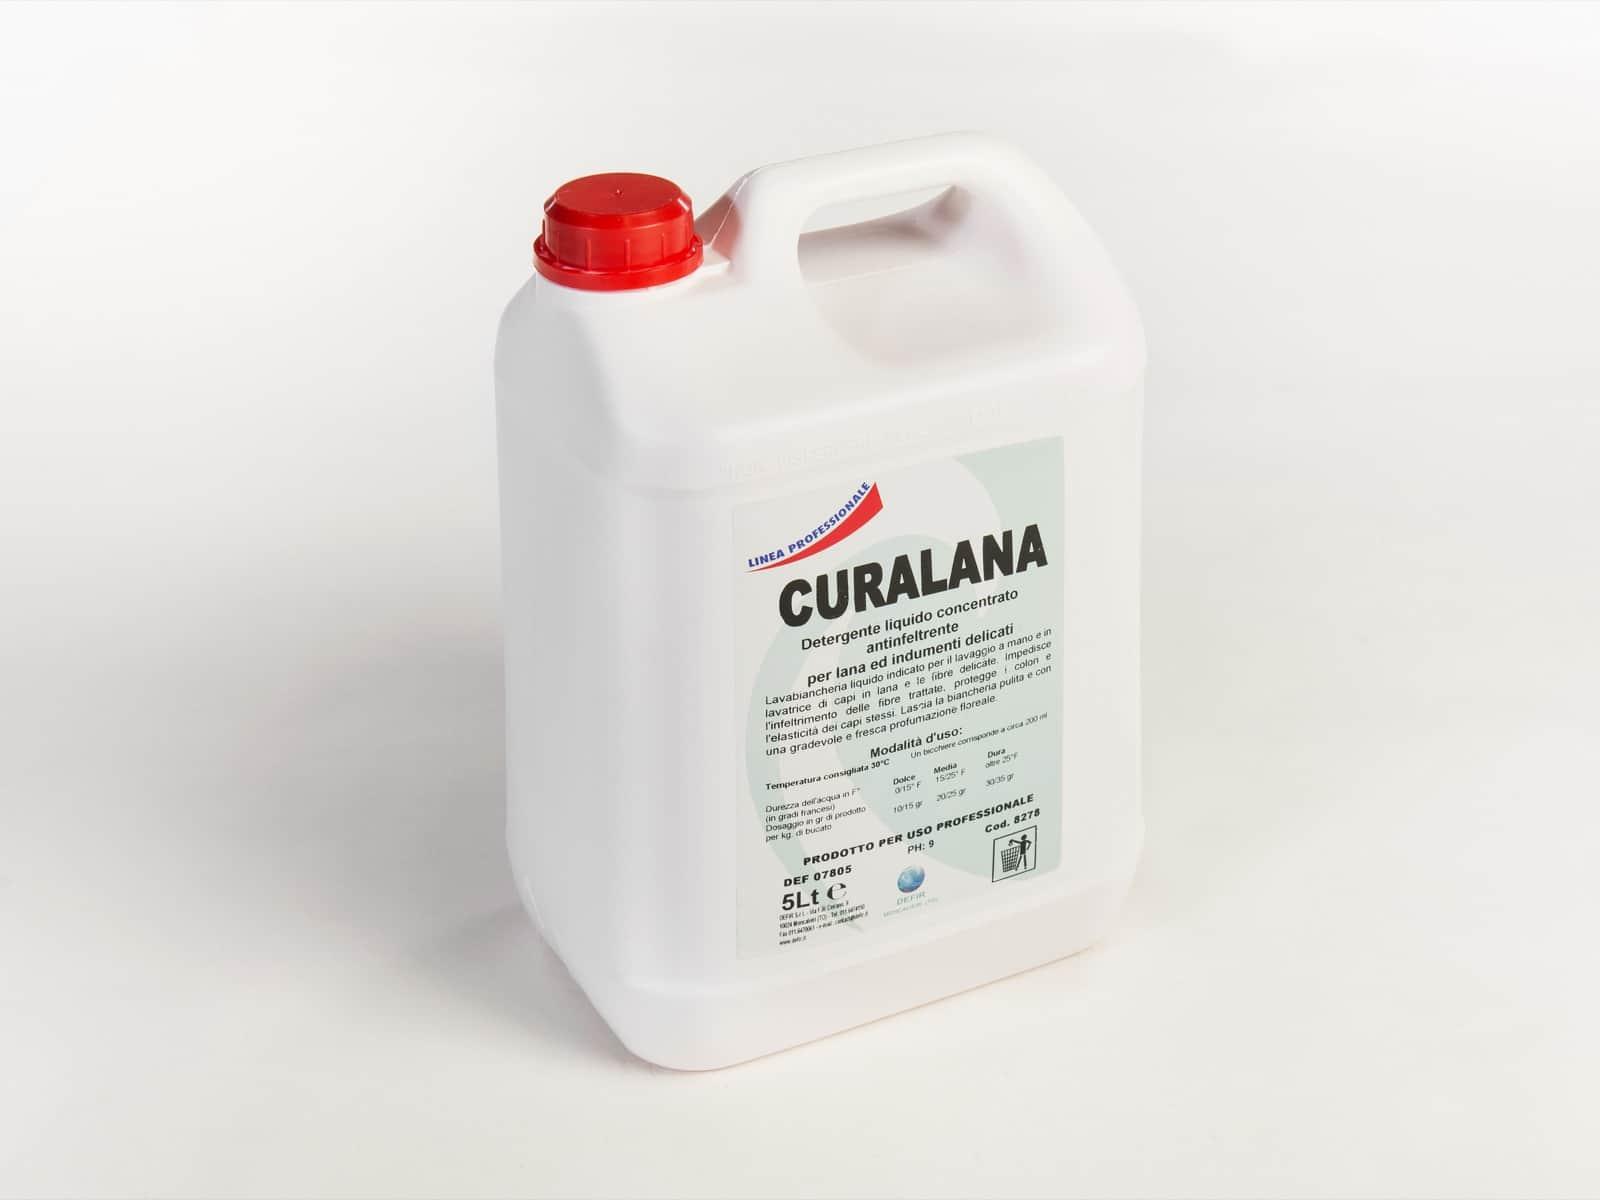 Curalana detersivo concentrato lavatrice delicati 5L - Defir detergenti Moncalieri Torino